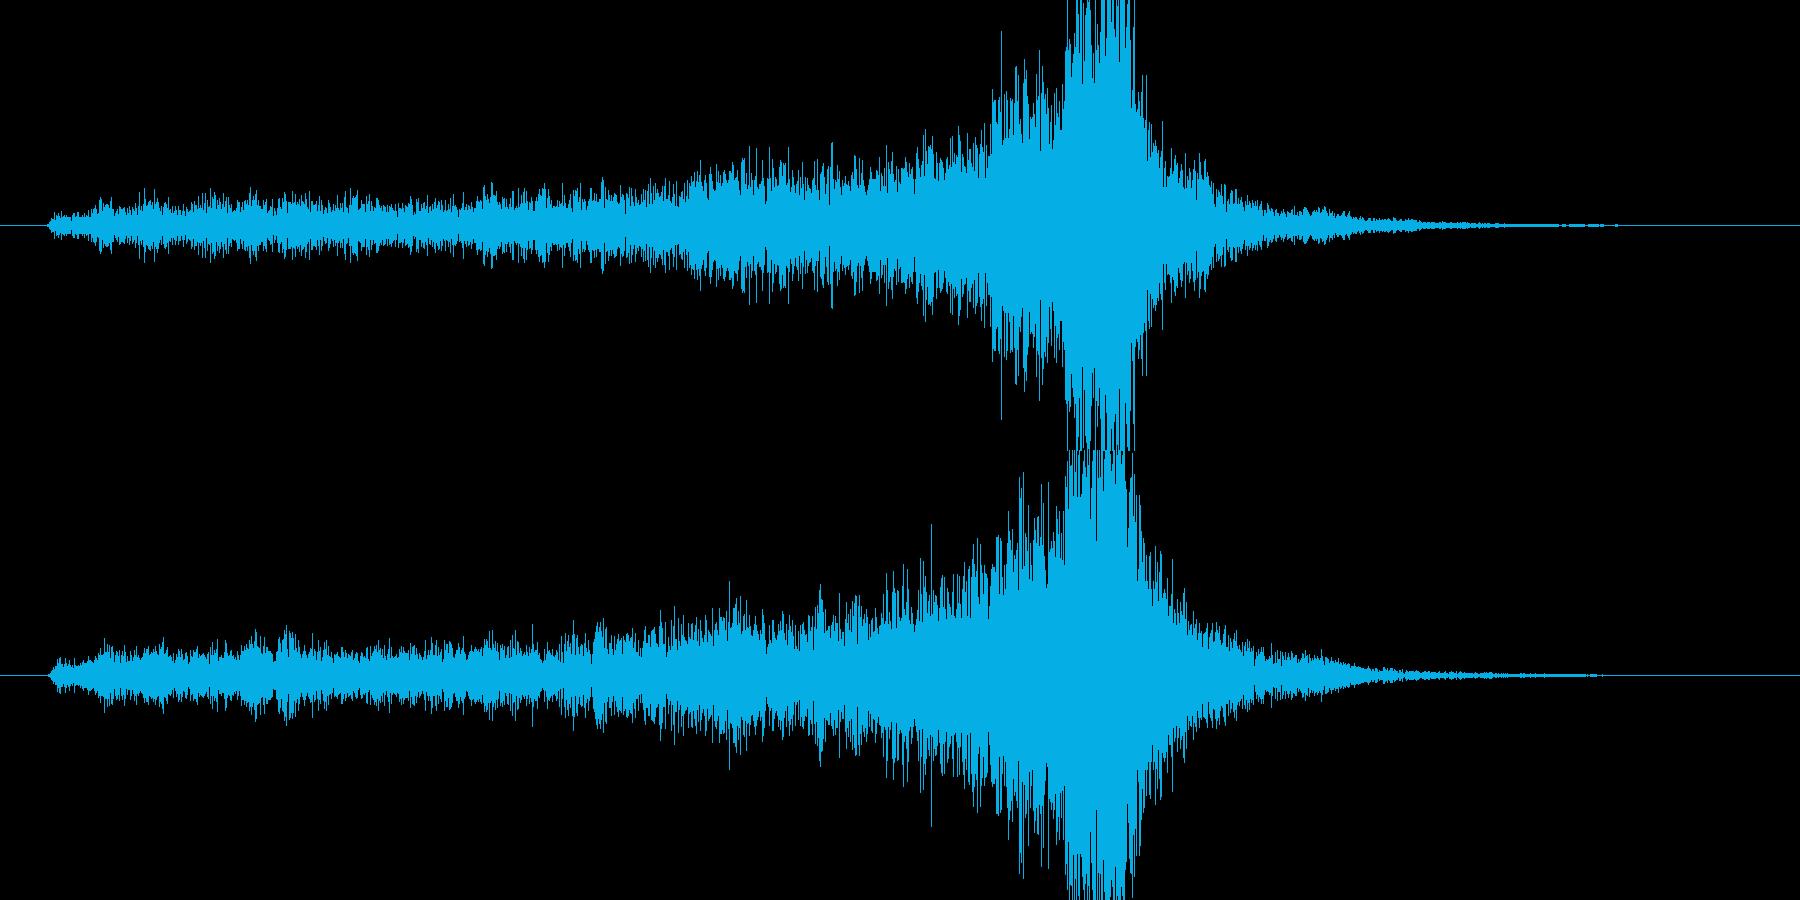 不安感を煽るトランペット等のフレーズの再生済みの波形